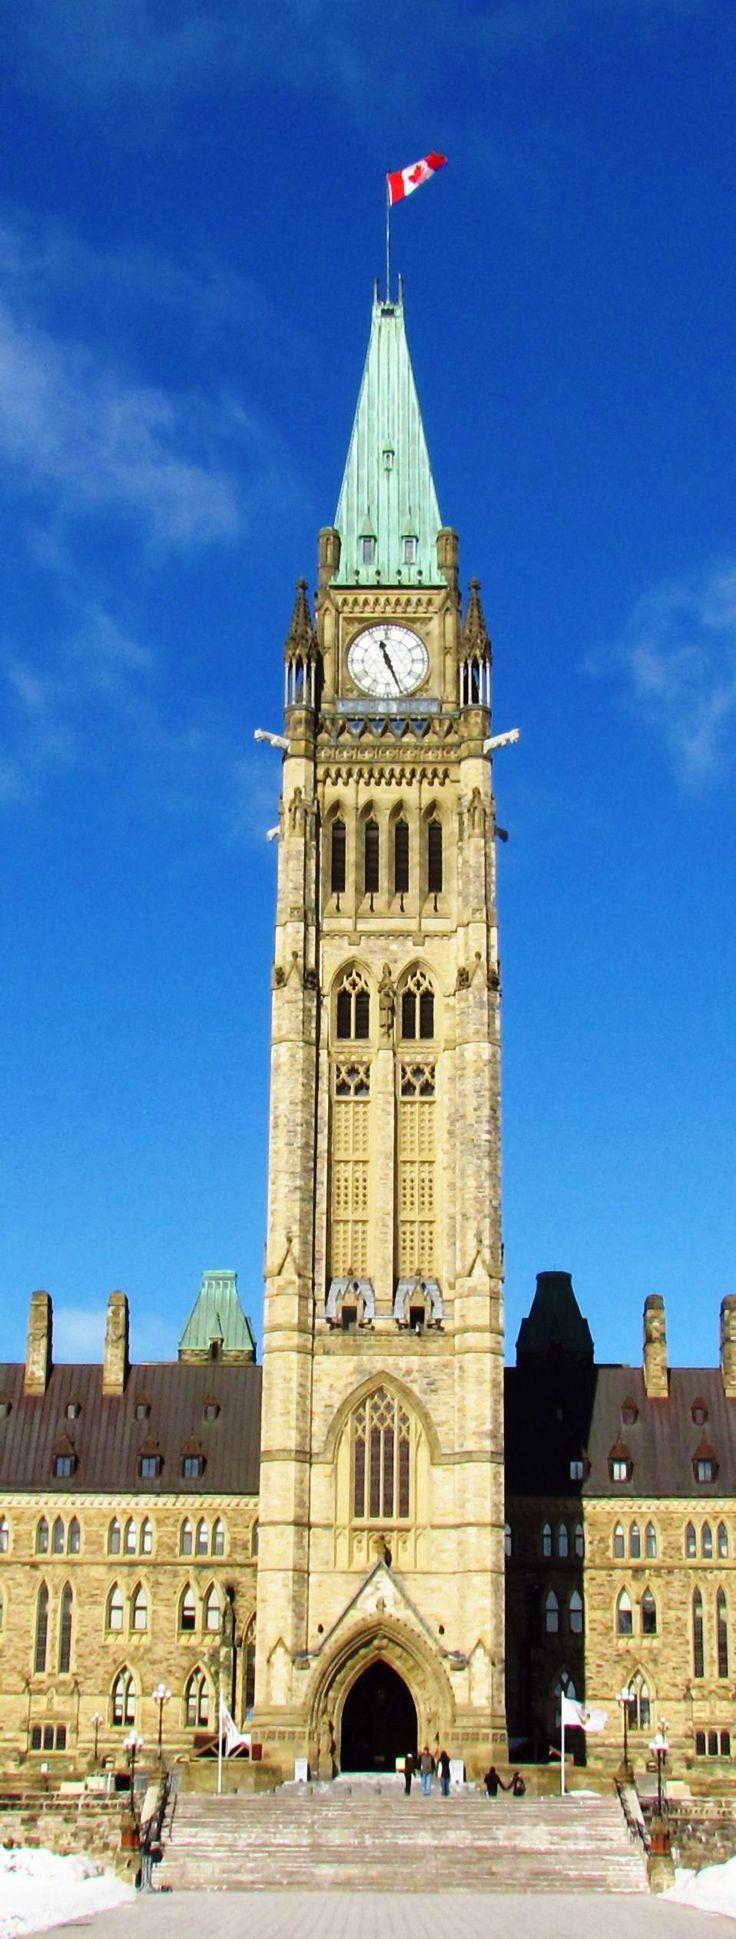 The Peace Tower, Ottawa, Canada